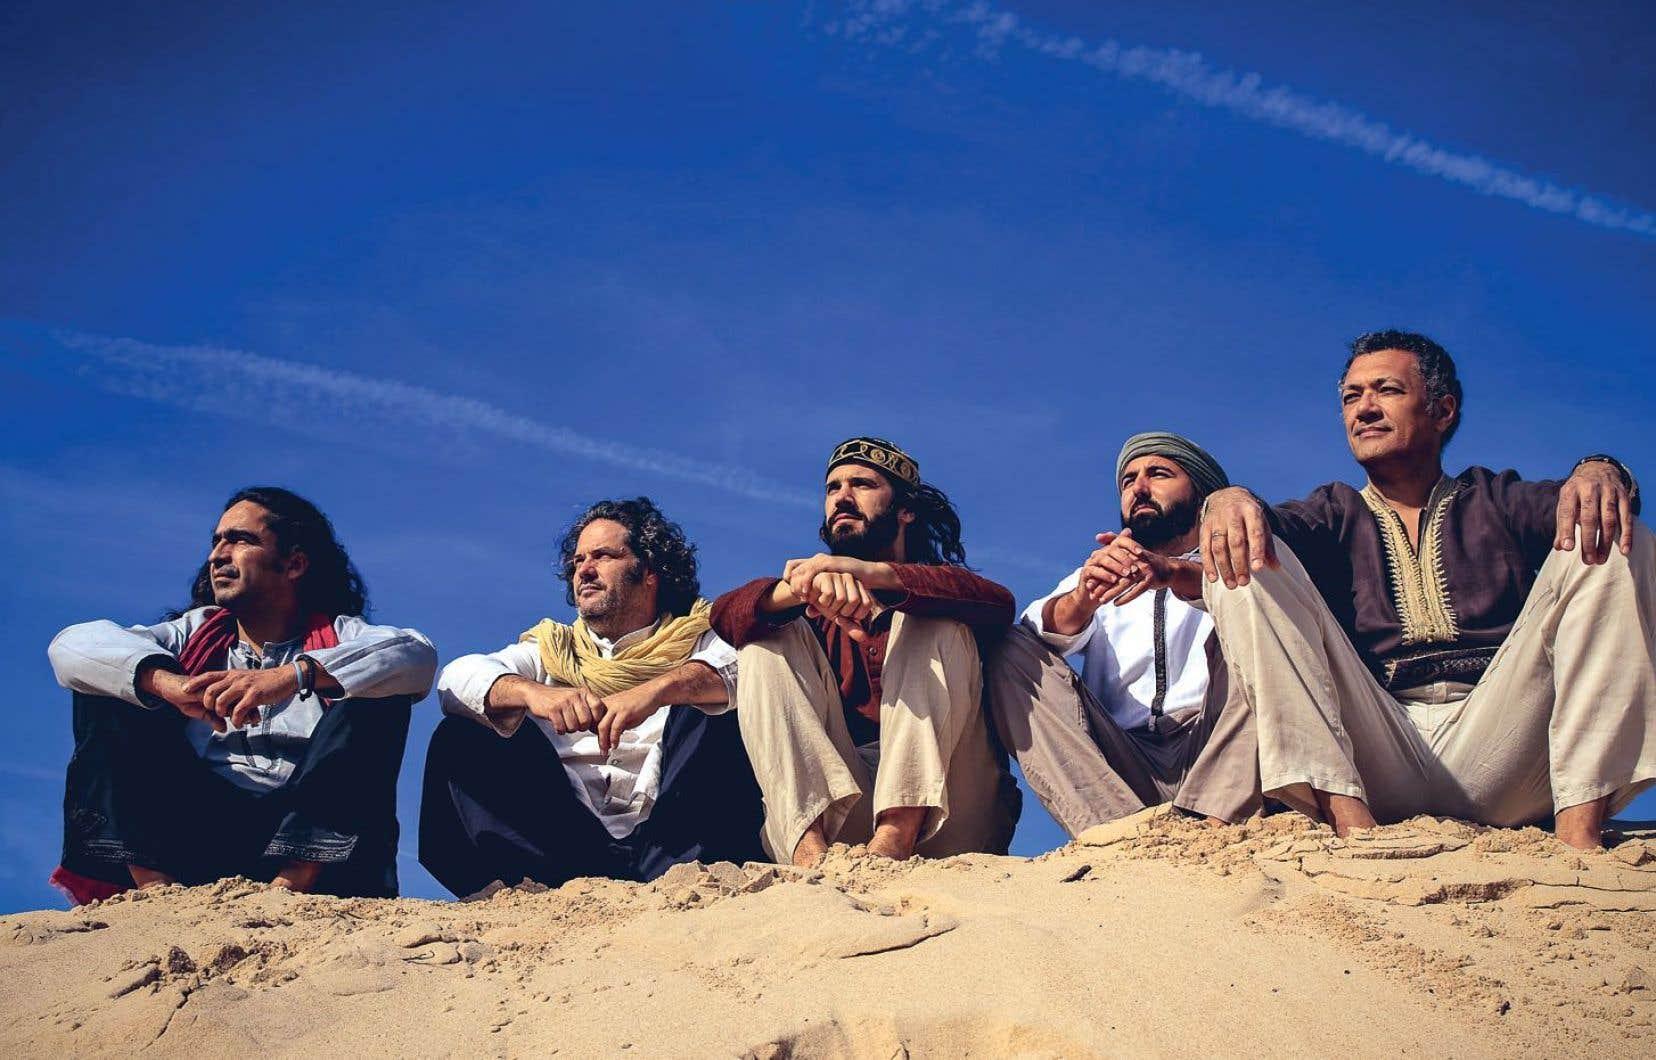 La Banda Morisca s'inspire de tous les courants musicaux qui ont traversé la région qui séparait, au Moyen-Âge, le royaume arabo-andalou de Grenade des royaumes chrétiens d'Aragon et de Castille.